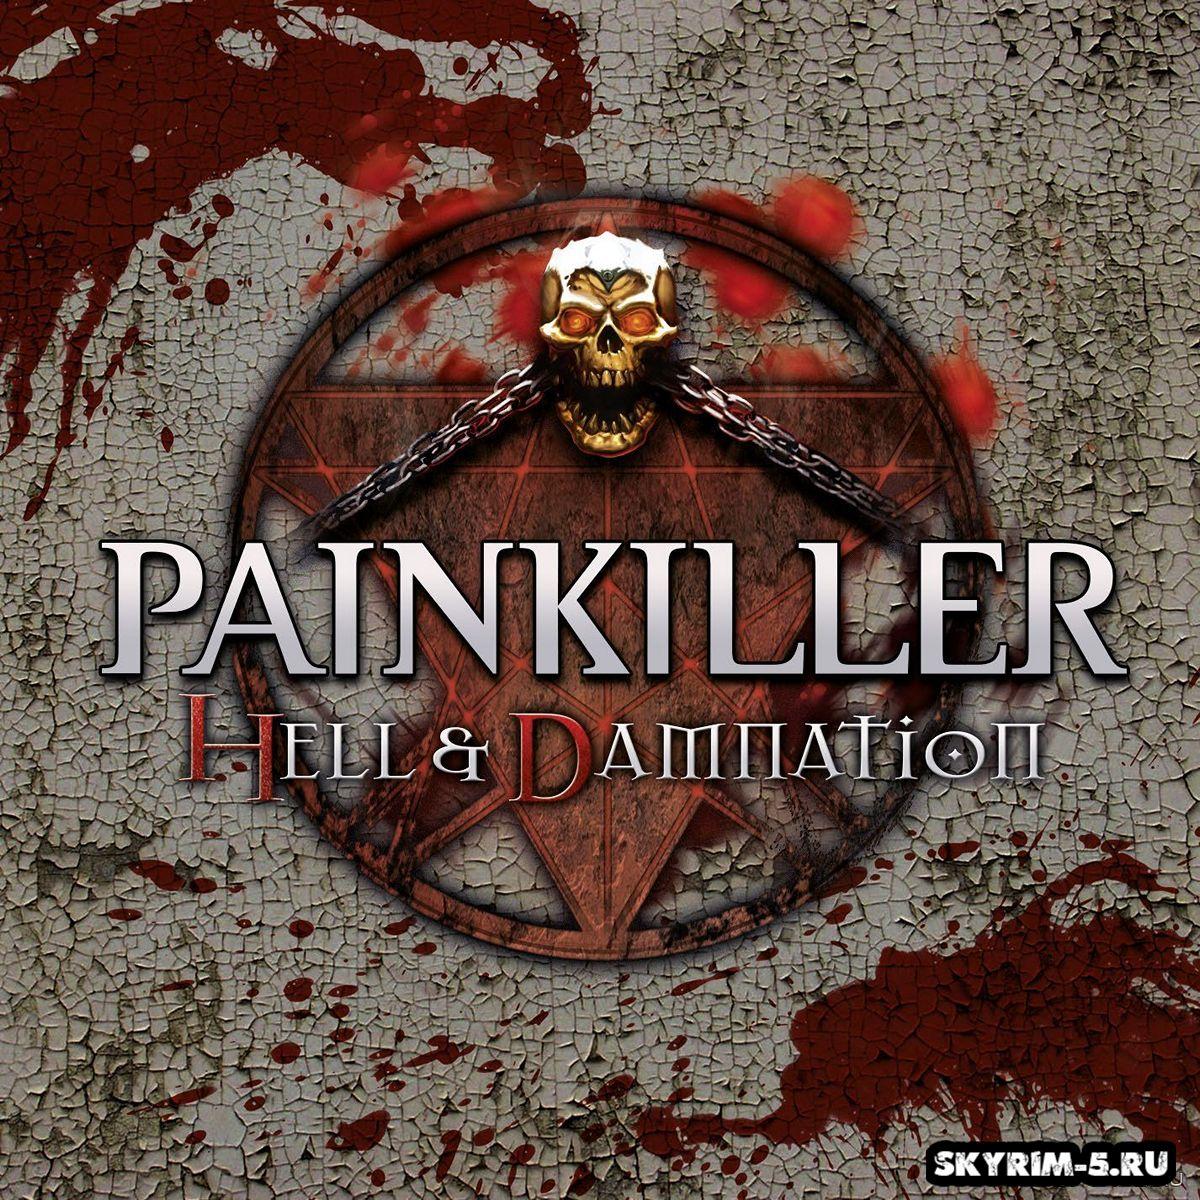 Painkiller в СкайримеМоды Скайрим > Звуки и музыка Скайрим